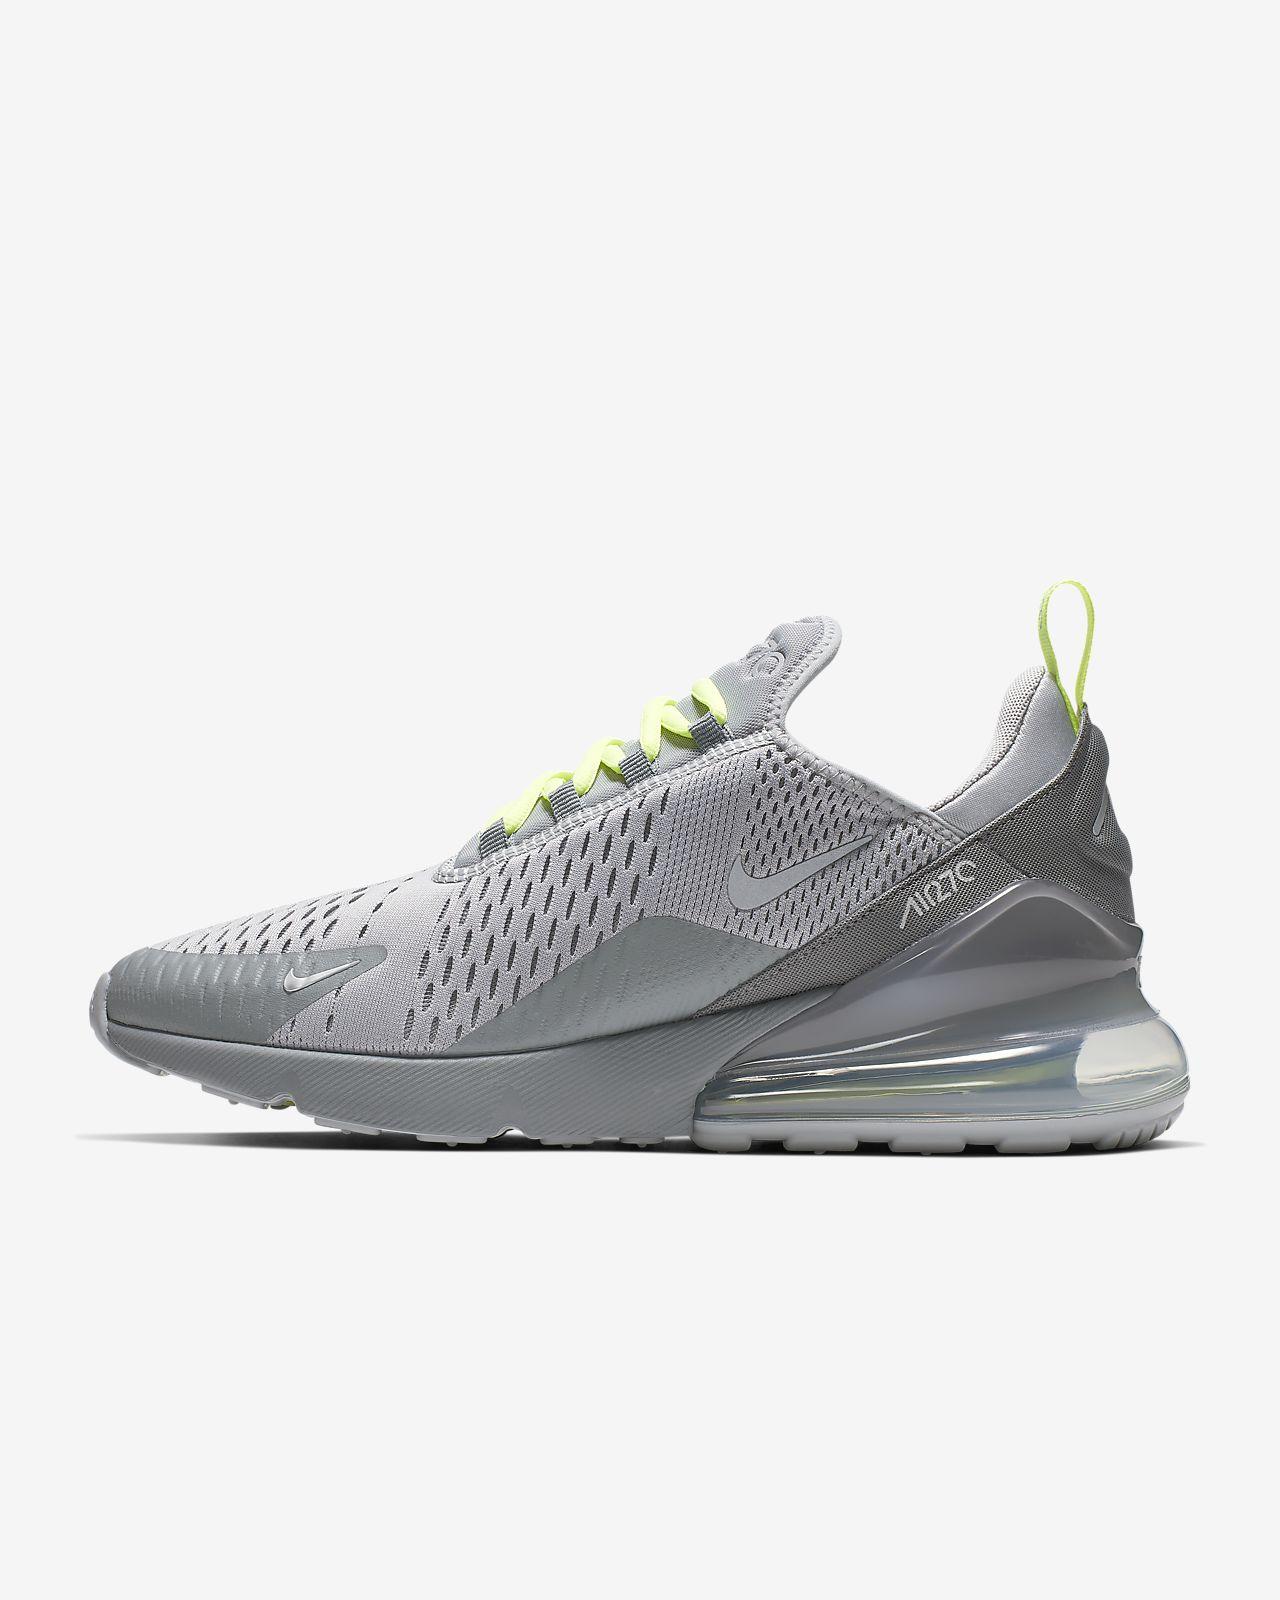 cheap for discount 8d679 4eddd ... Chaussure Nike Air Max 270 pour Homme